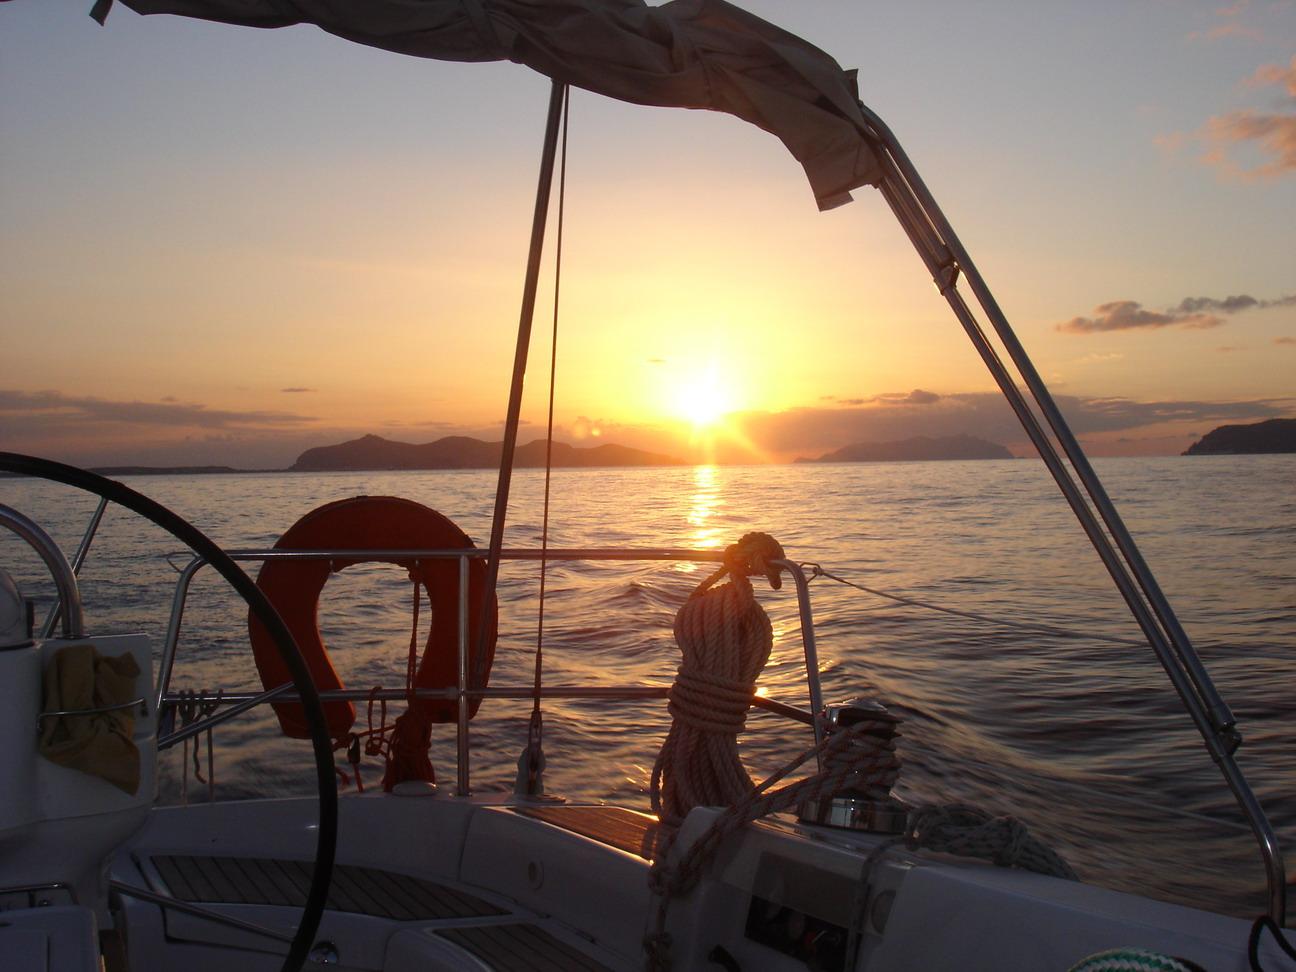 Escursioni in motonave e barca a vela hotel stresa rimini for Bagno 72 rimini